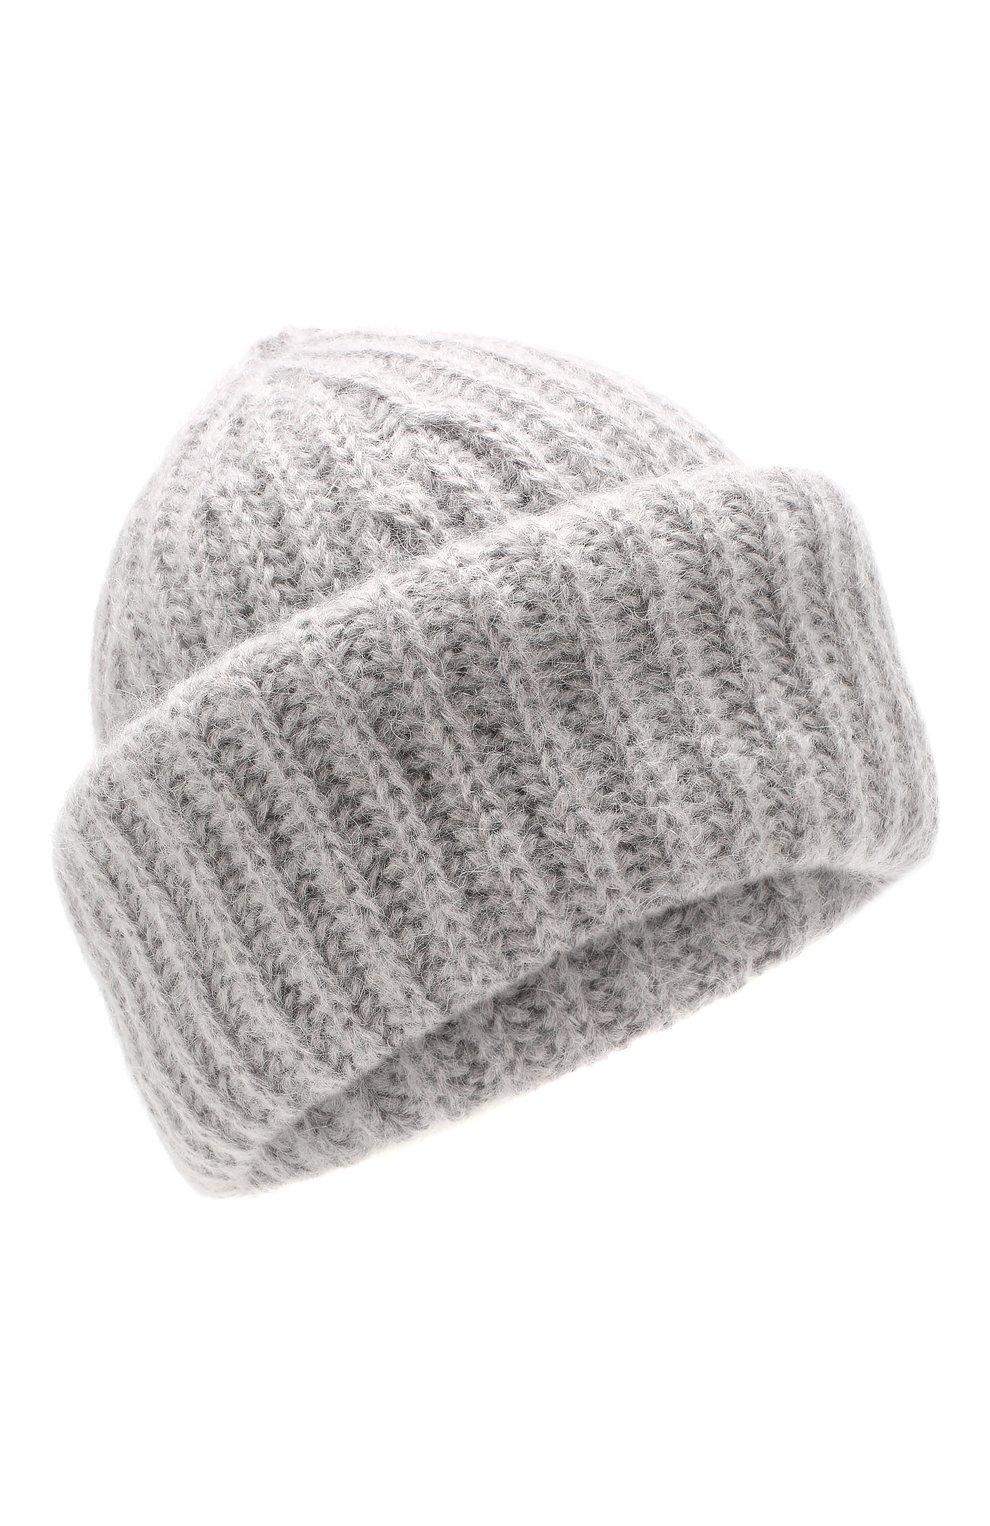 Женская шапка TAK.ORI светло-серого цвета, арт. AC043MW018PF17 | Фото 1 (Материал: Текстиль, Шерсть, Синтетический материал; Статус проверки: Проверено, Проверена категория)